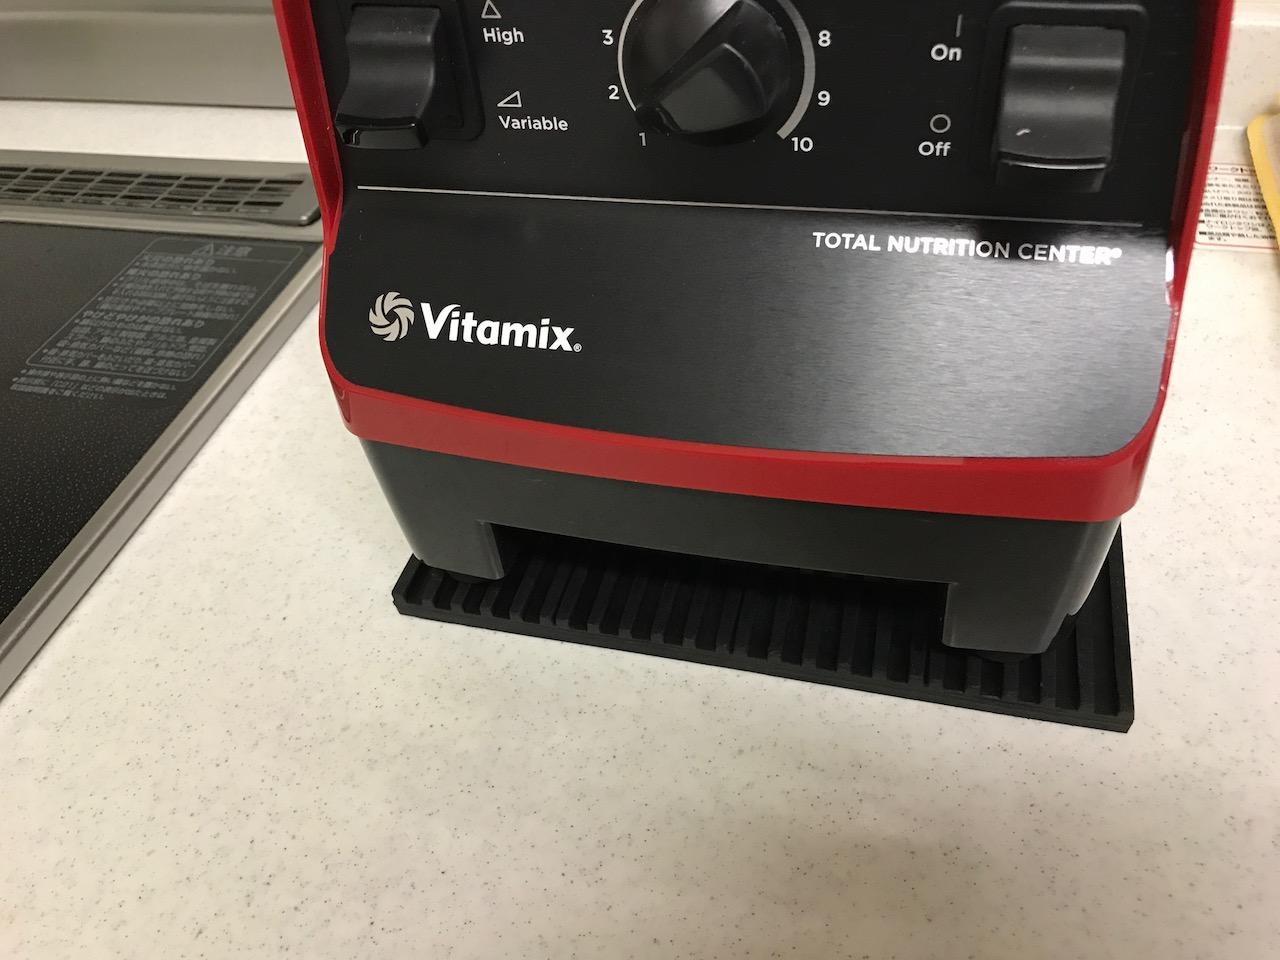 誰でも簡単!バイタミックスVM0111/TNC5200ブレンダーの防音・振動対策!